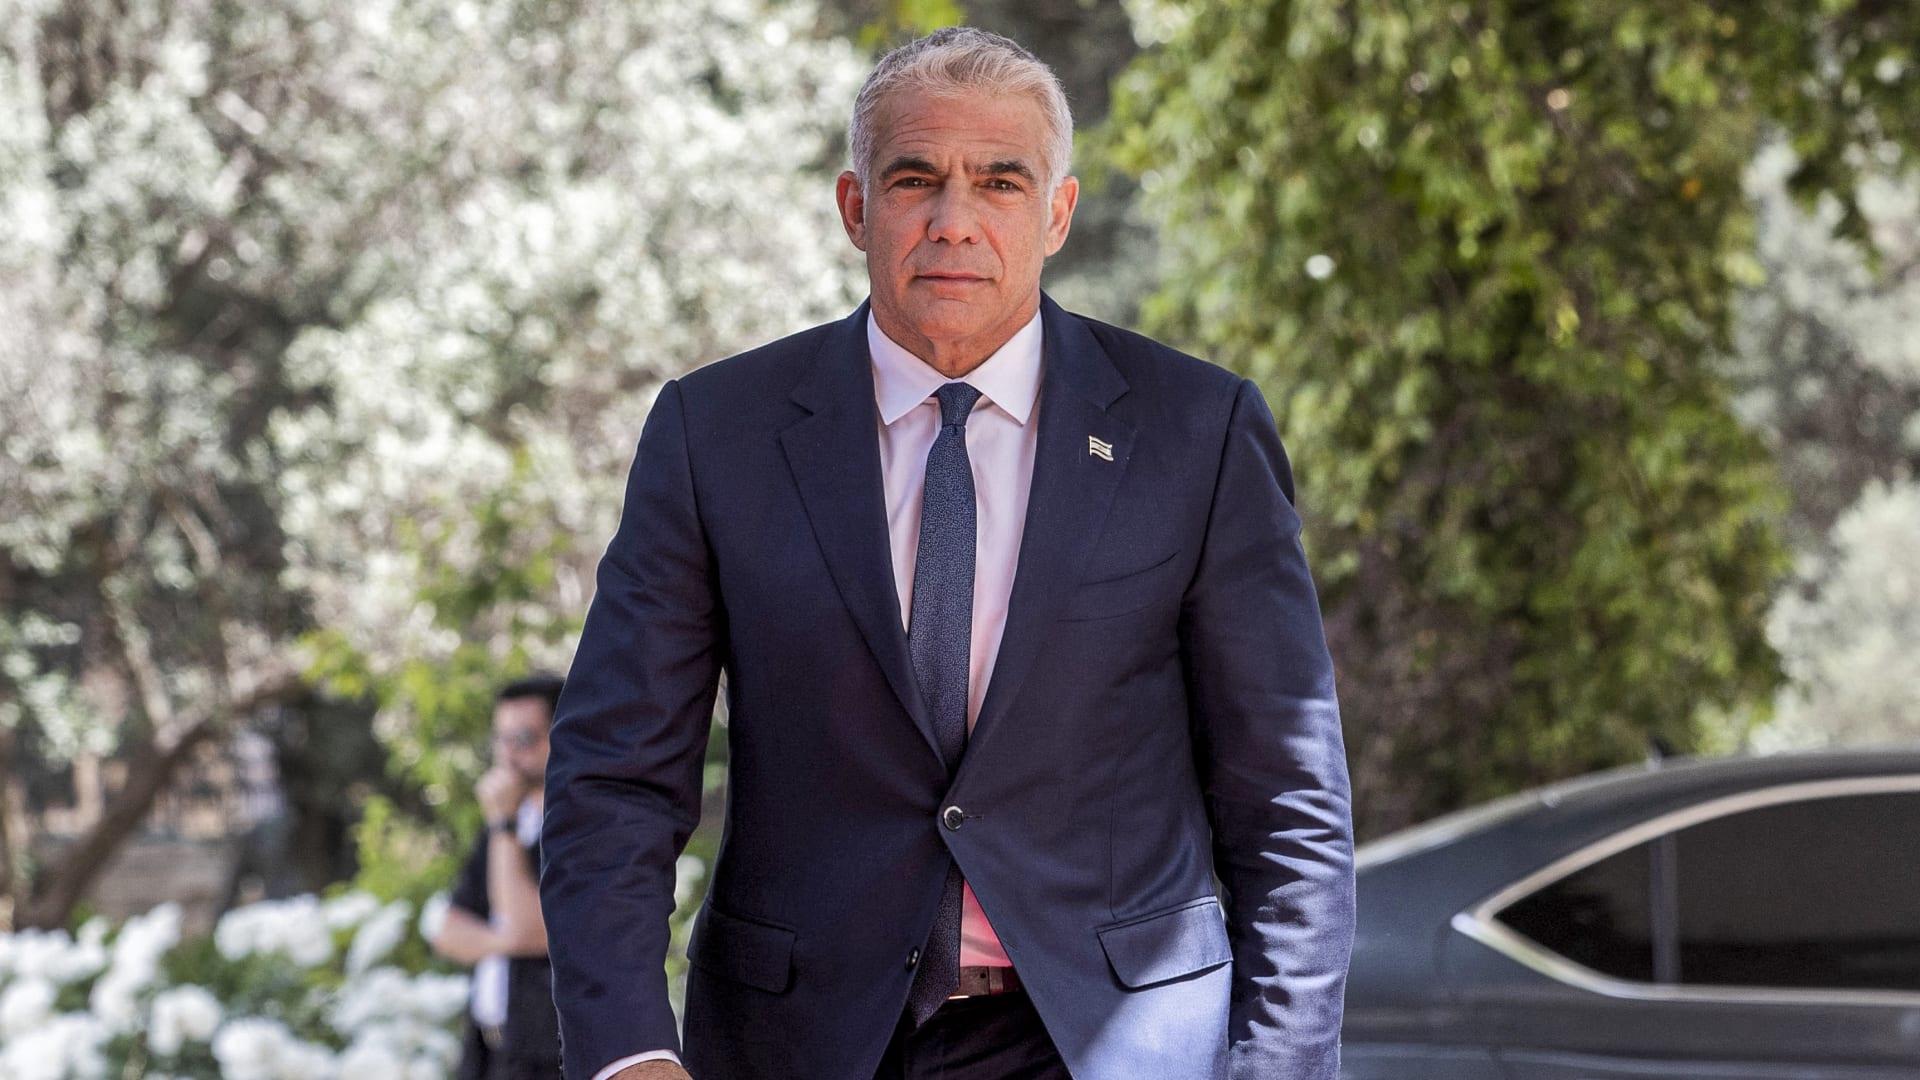 تكليف زعيم المعارضة في الكنيست بتشكيل الحكومة الإسرائيلية بعد فشل نتنياهو